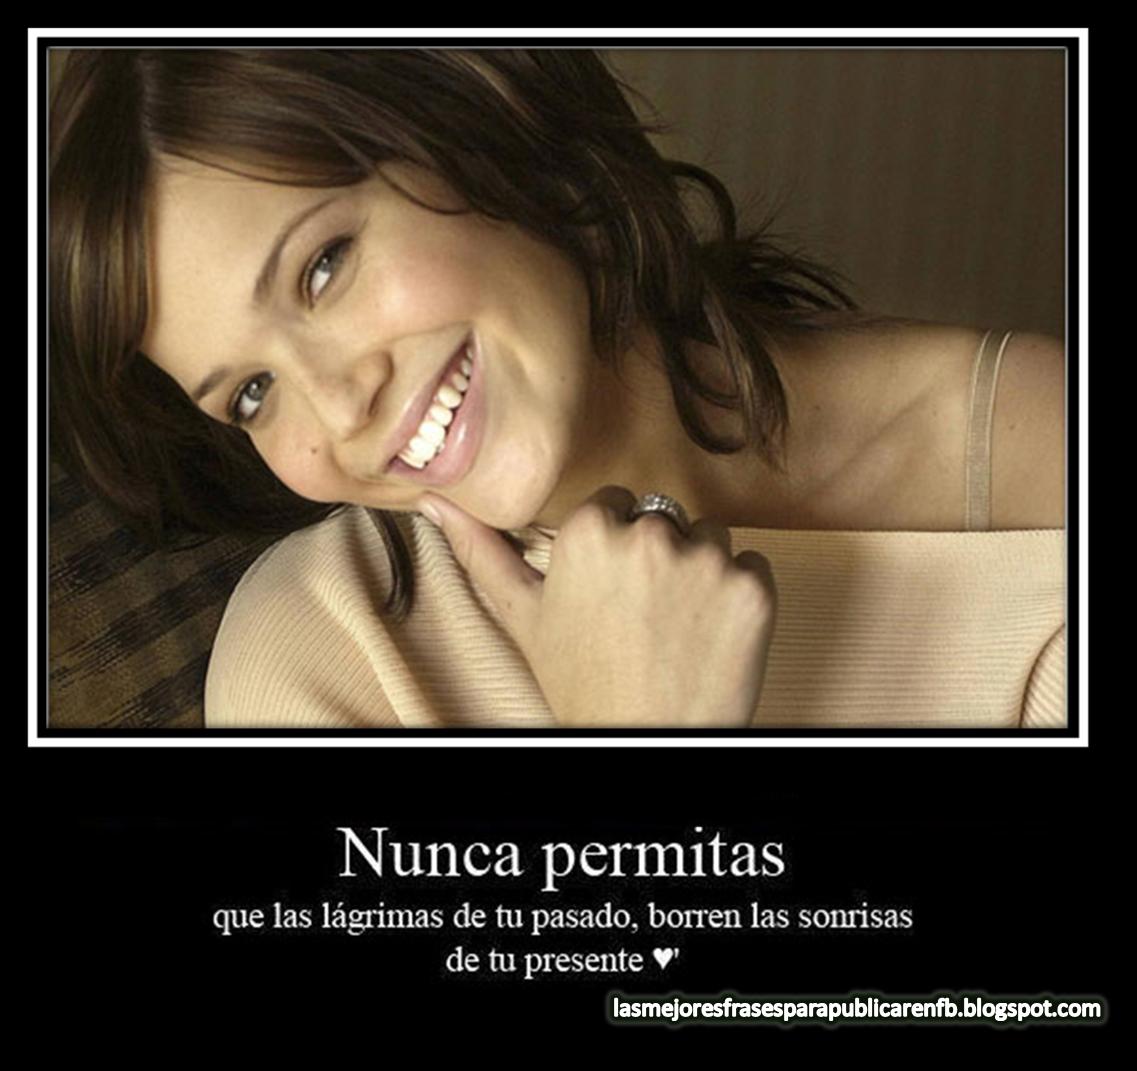 Frases De Amor: Nunca Permitas Que Las Lágrimas De Tu Pasado Borren Las Sonrisas De Tu Presente